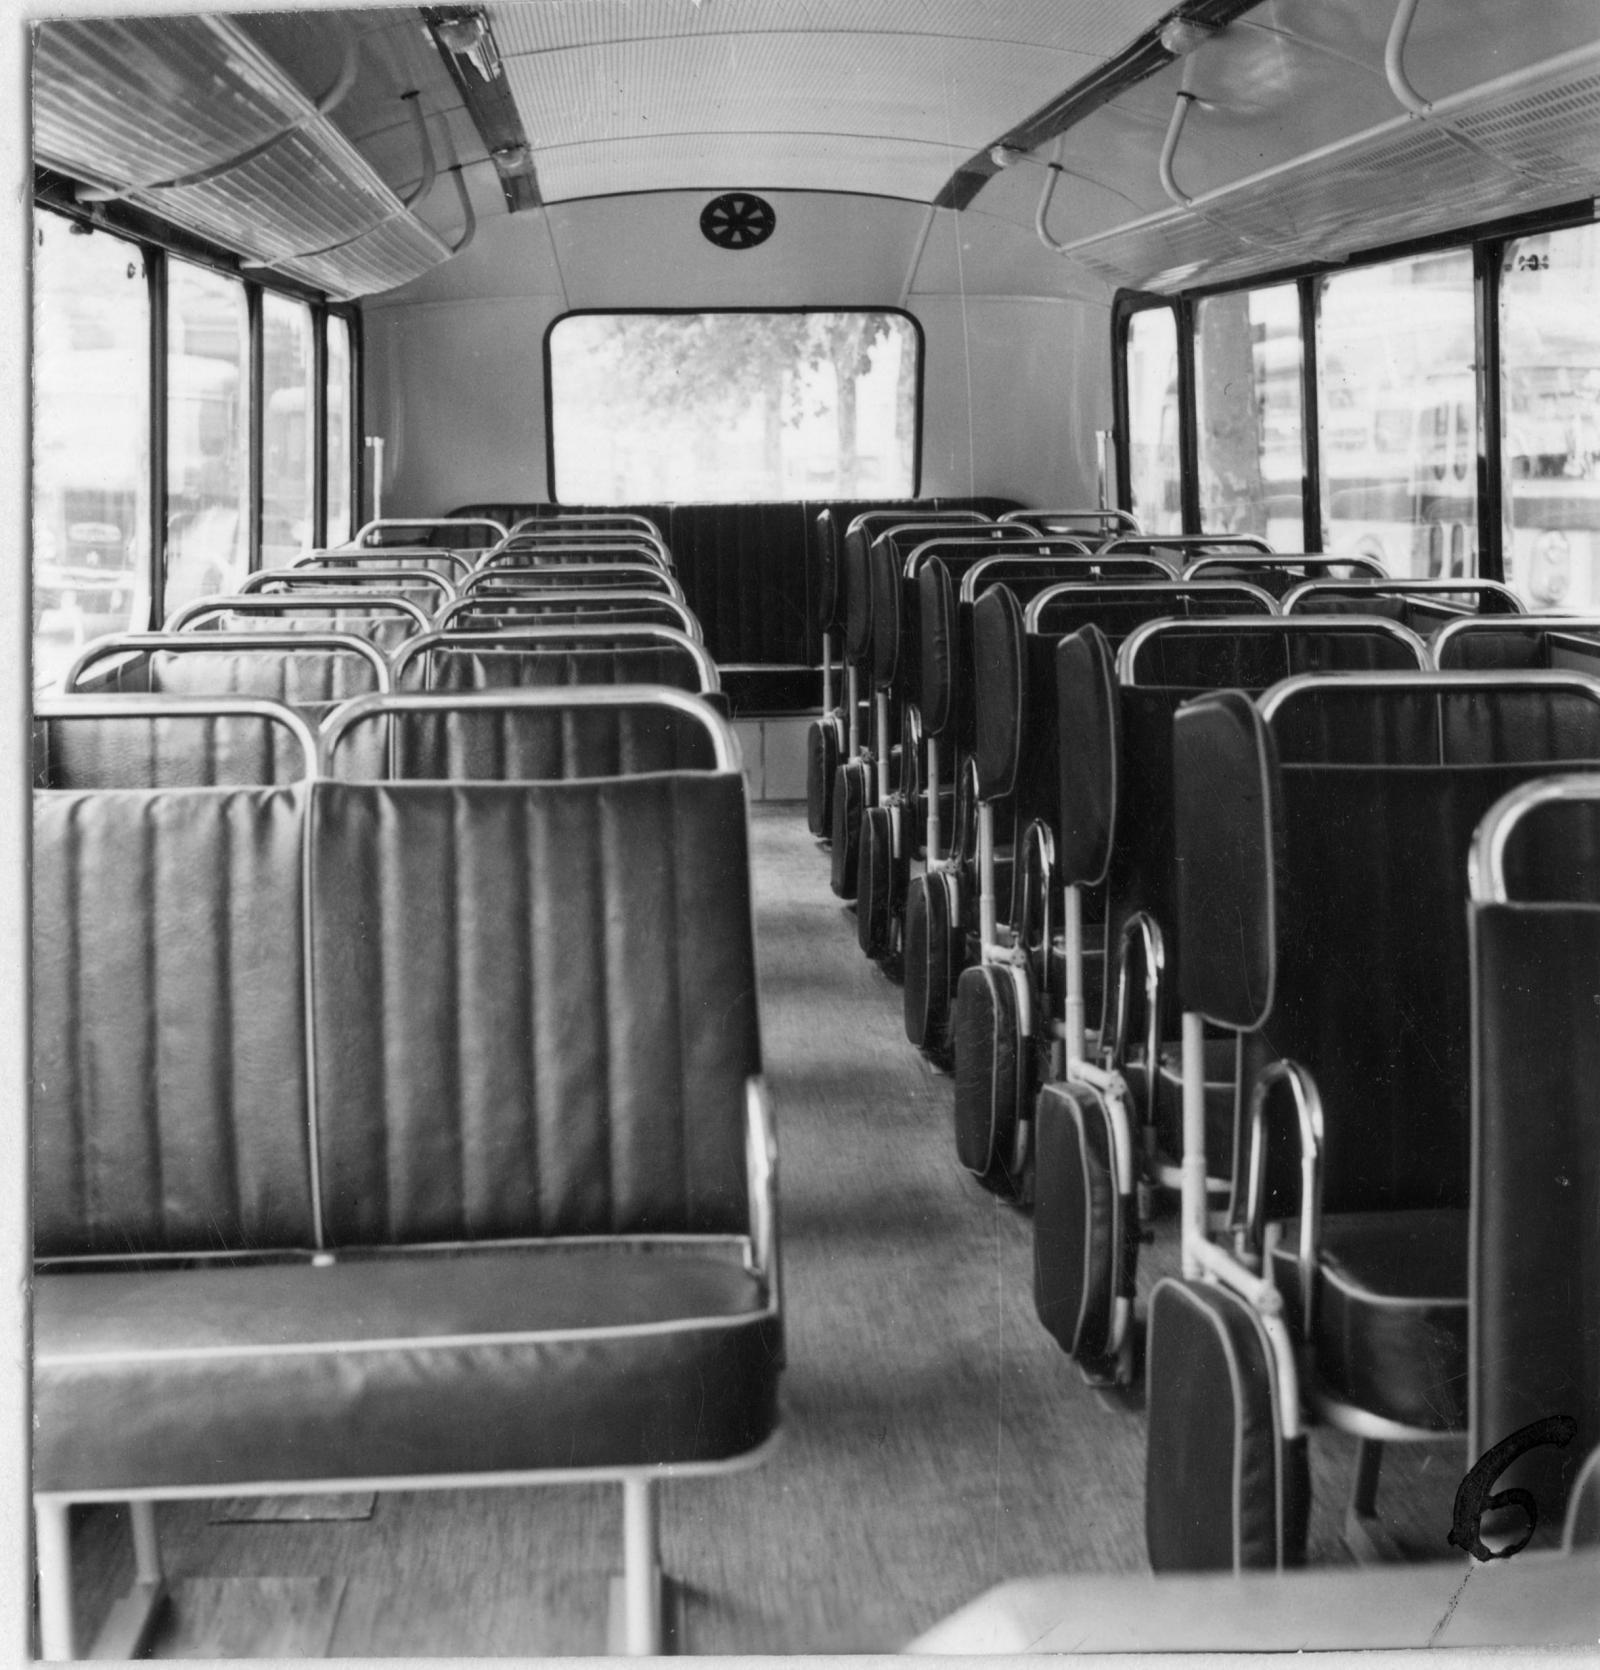 Bus U23 - intérieur d'un bus scolaire